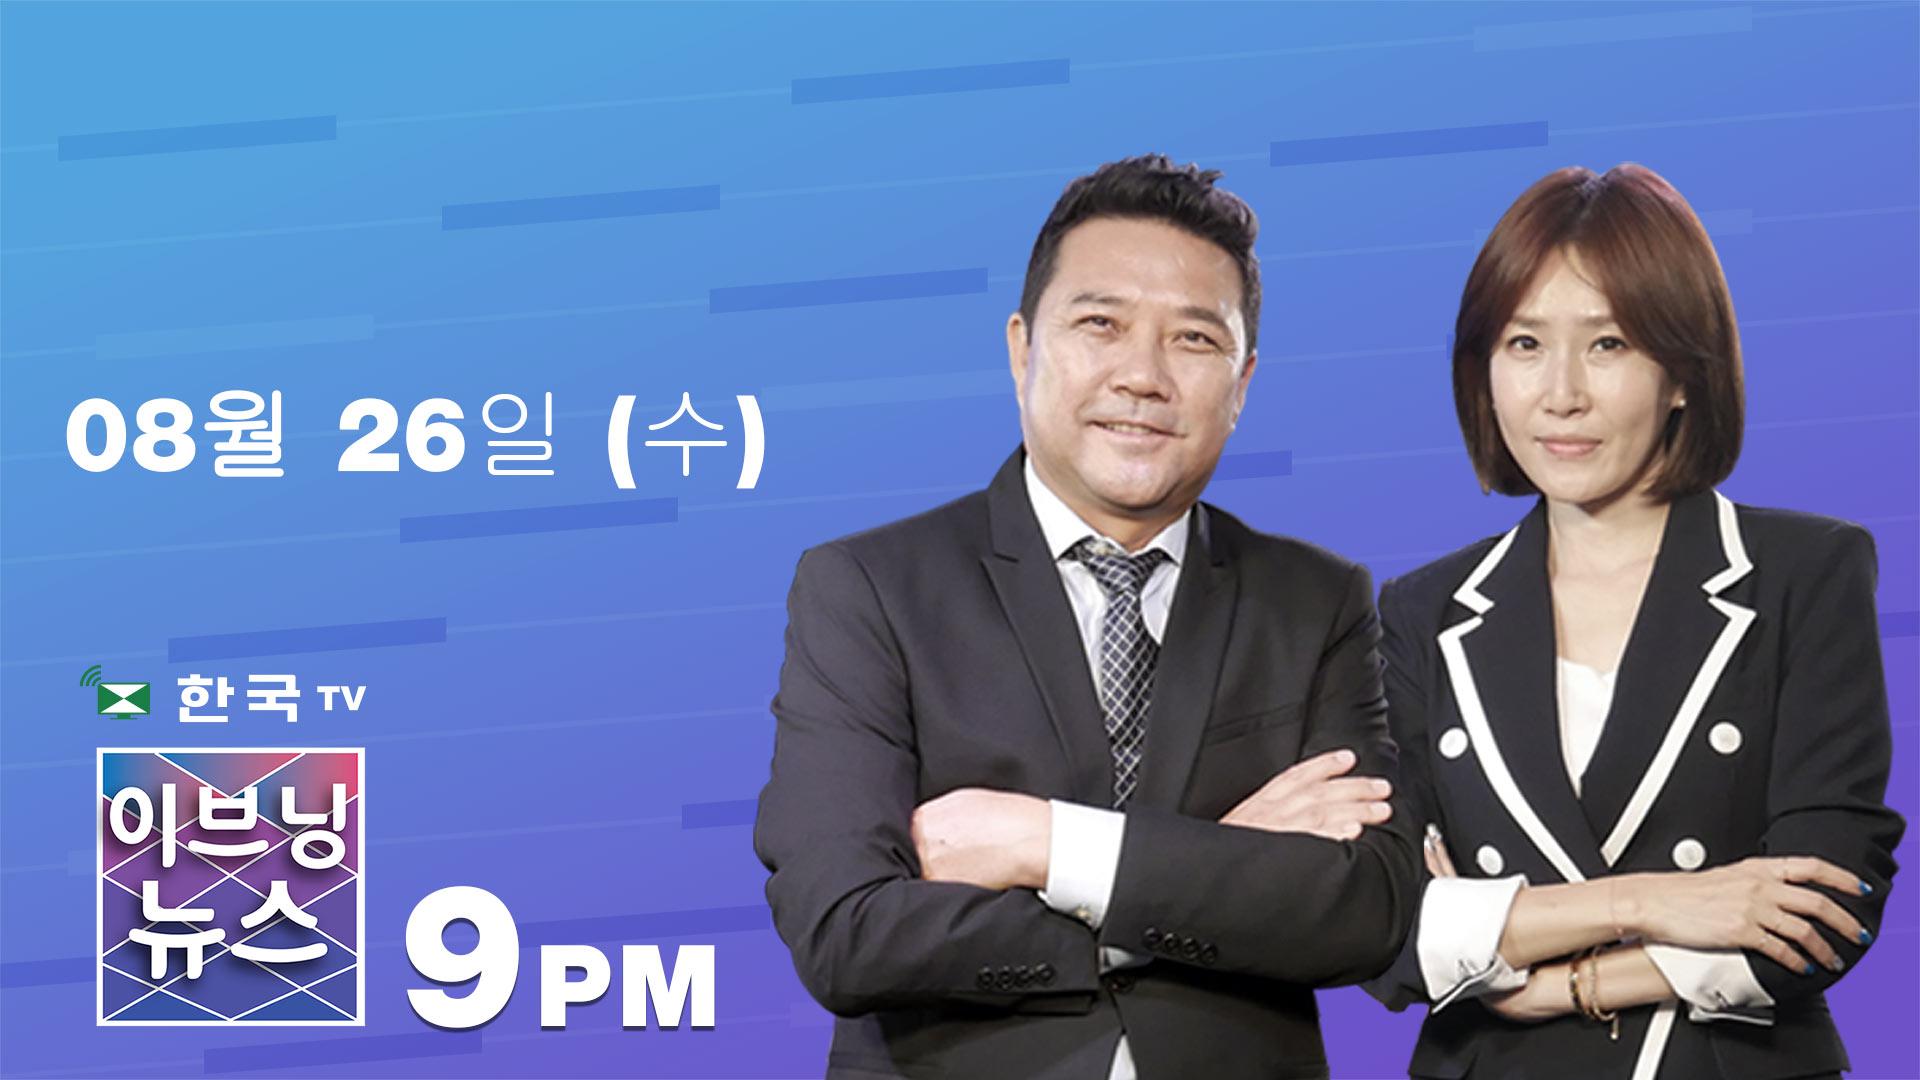 (08.26.2020) 한국TV 이브닝 뉴스